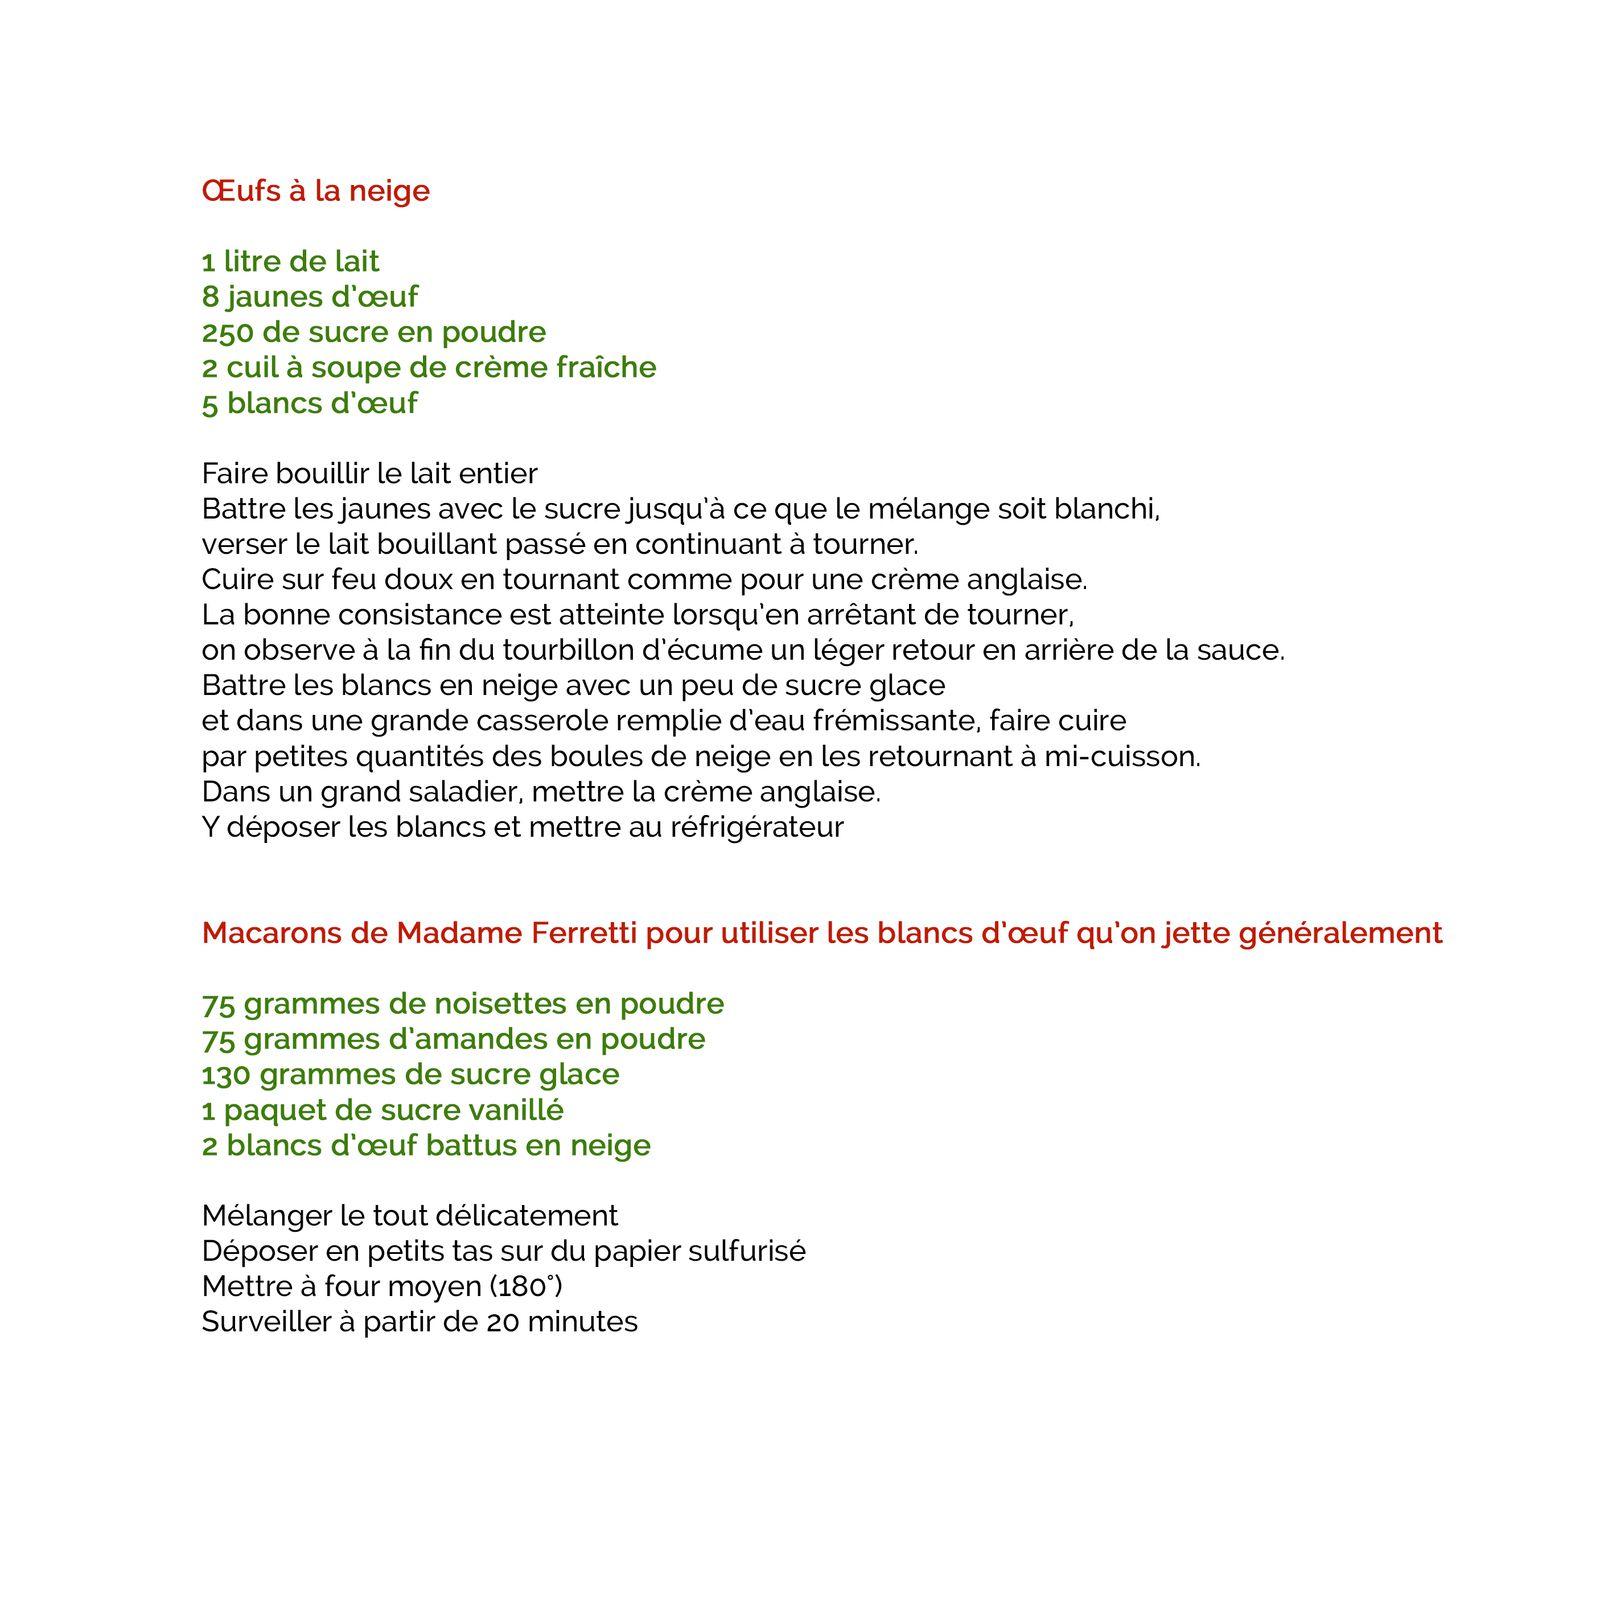 Les recettes de Kate et autres marmitons